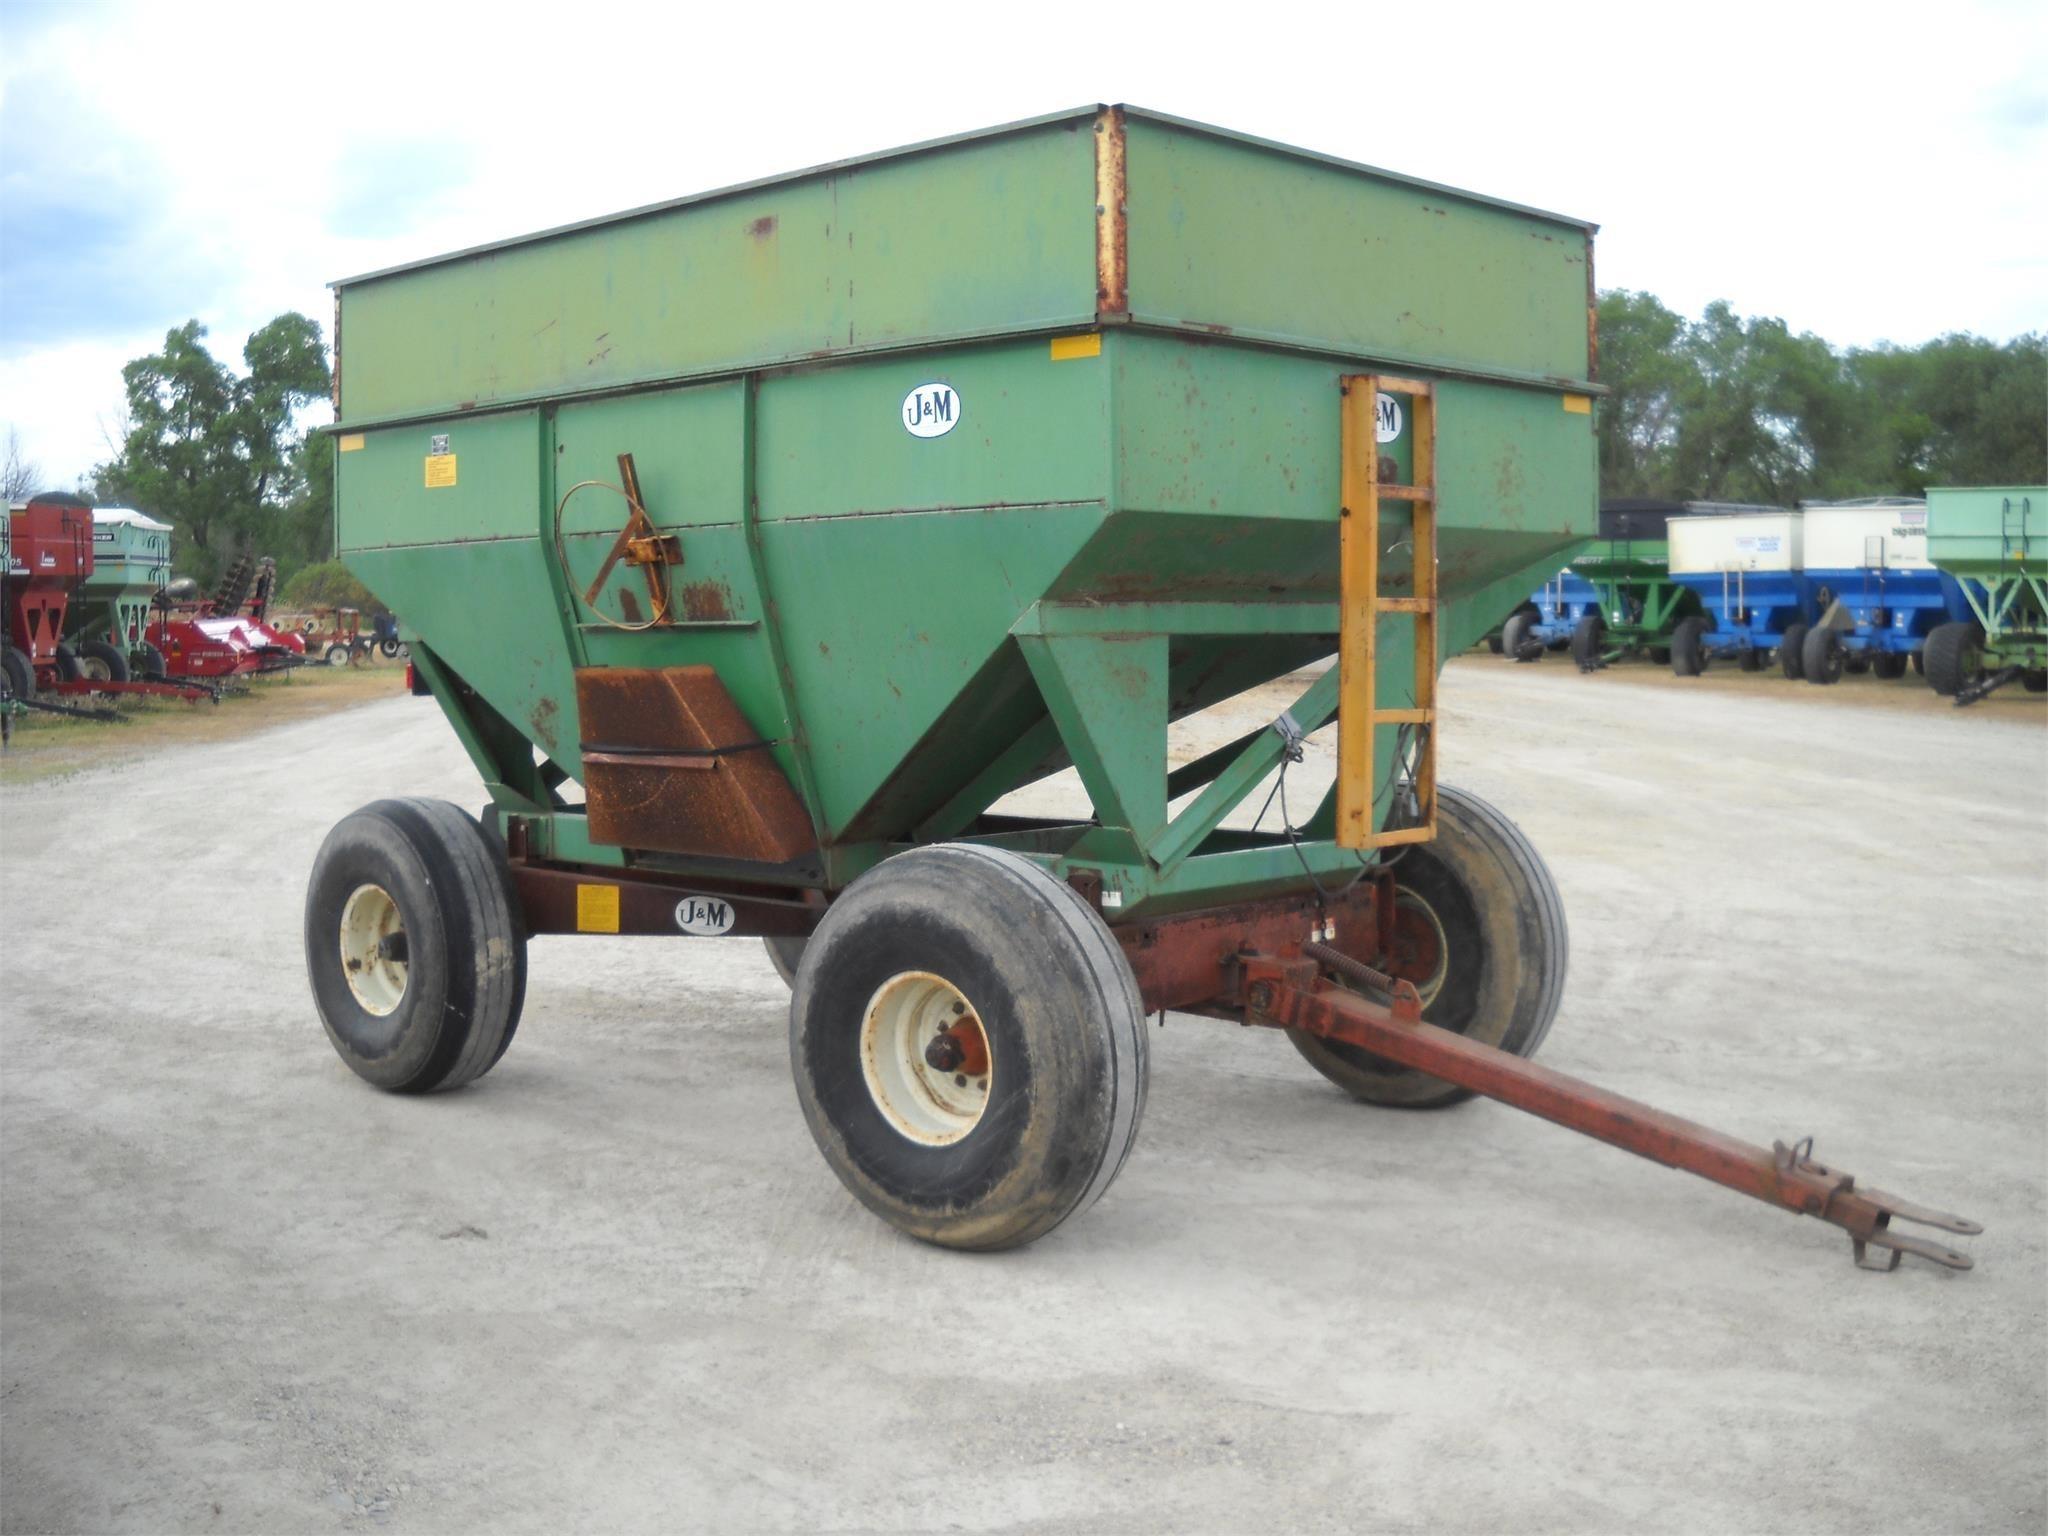 1985 J&M 350-20 Gravity Wagon